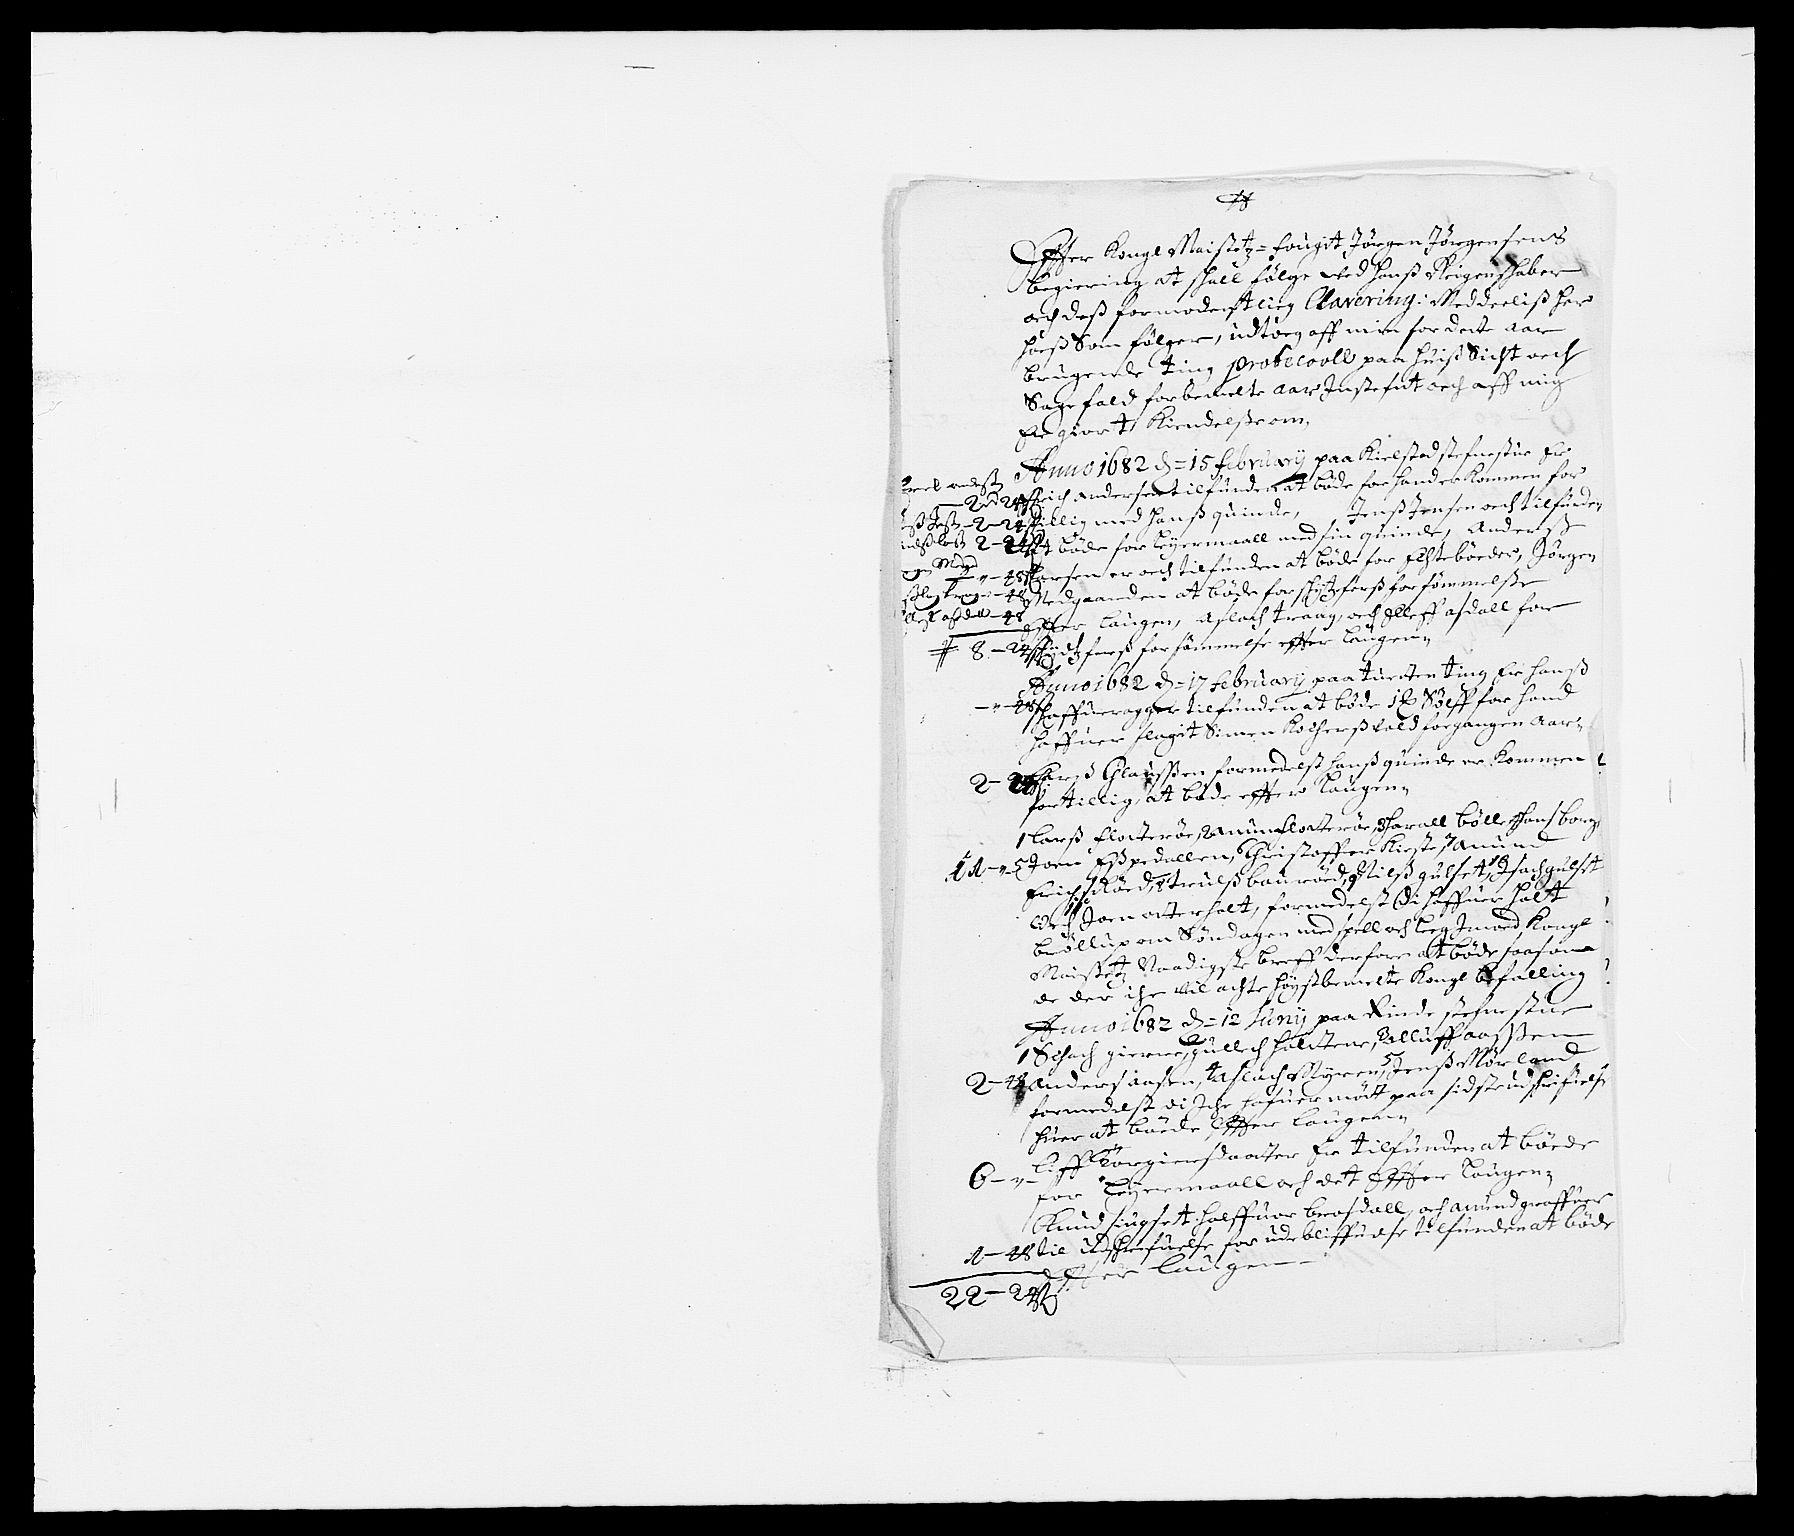 RA, Rentekammeret inntil 1814, Reviderte regnskaper, Fogderegnskap, R34/L2046: Fogderegnskap Bamble, 1682-1683, s. 46